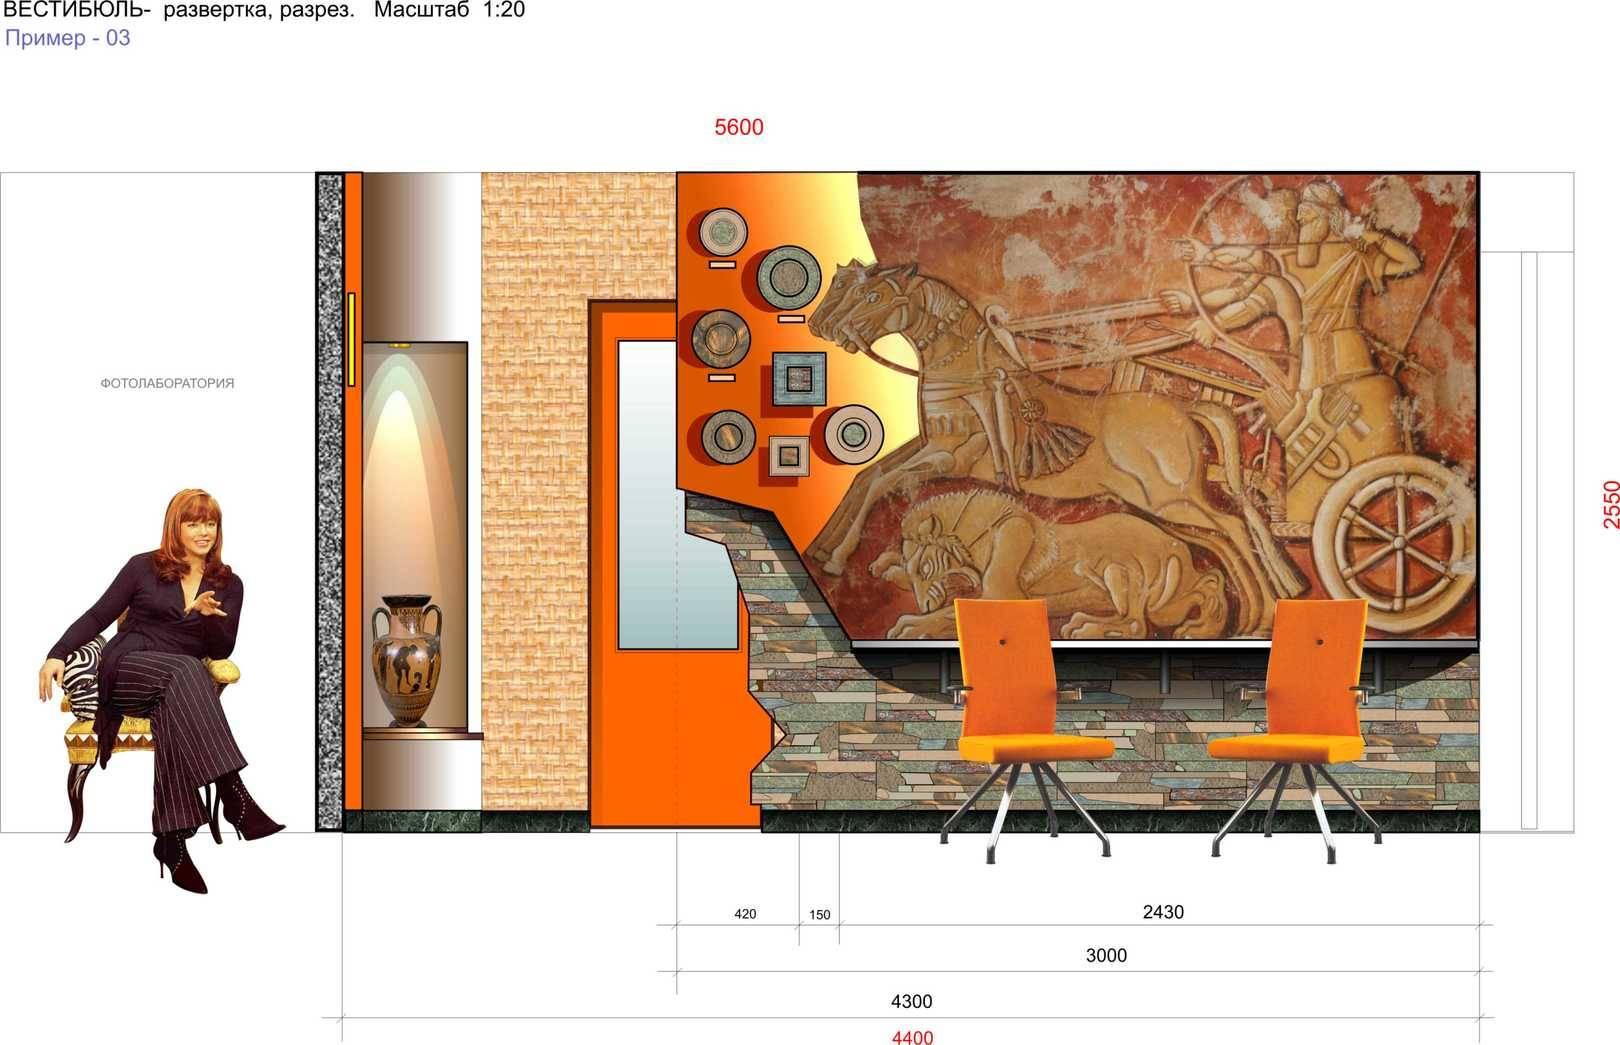 Дизайн интерьеров. Общественные заведения